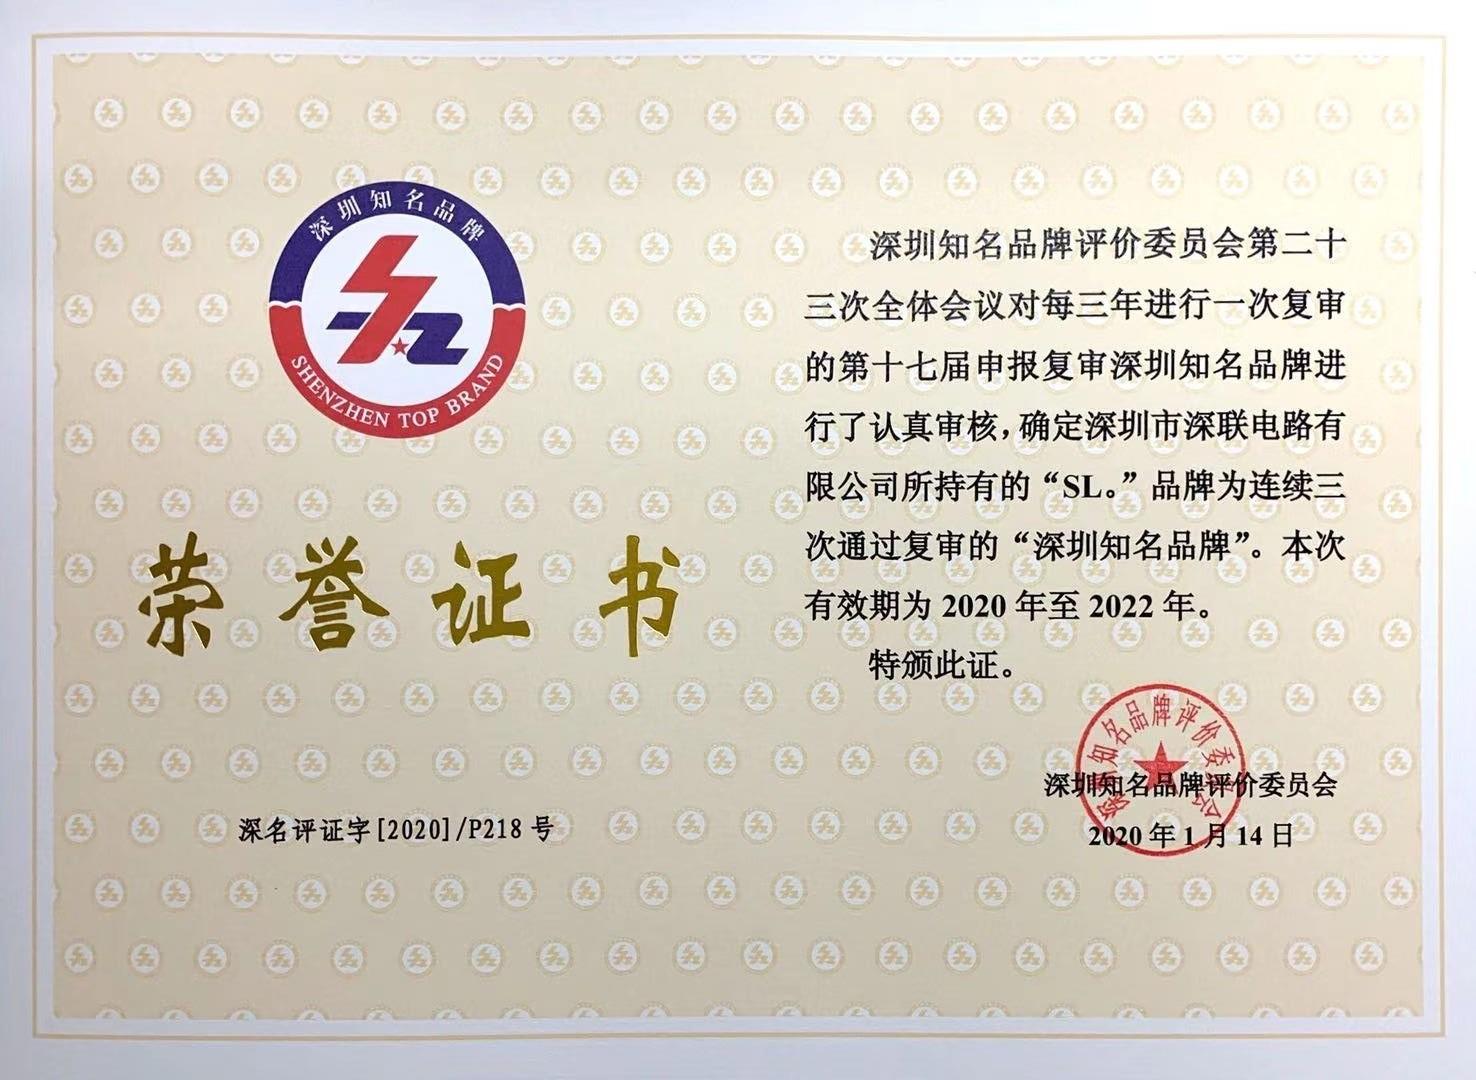 深圳知名品牌荣誉证书(2020.1.14).jpg